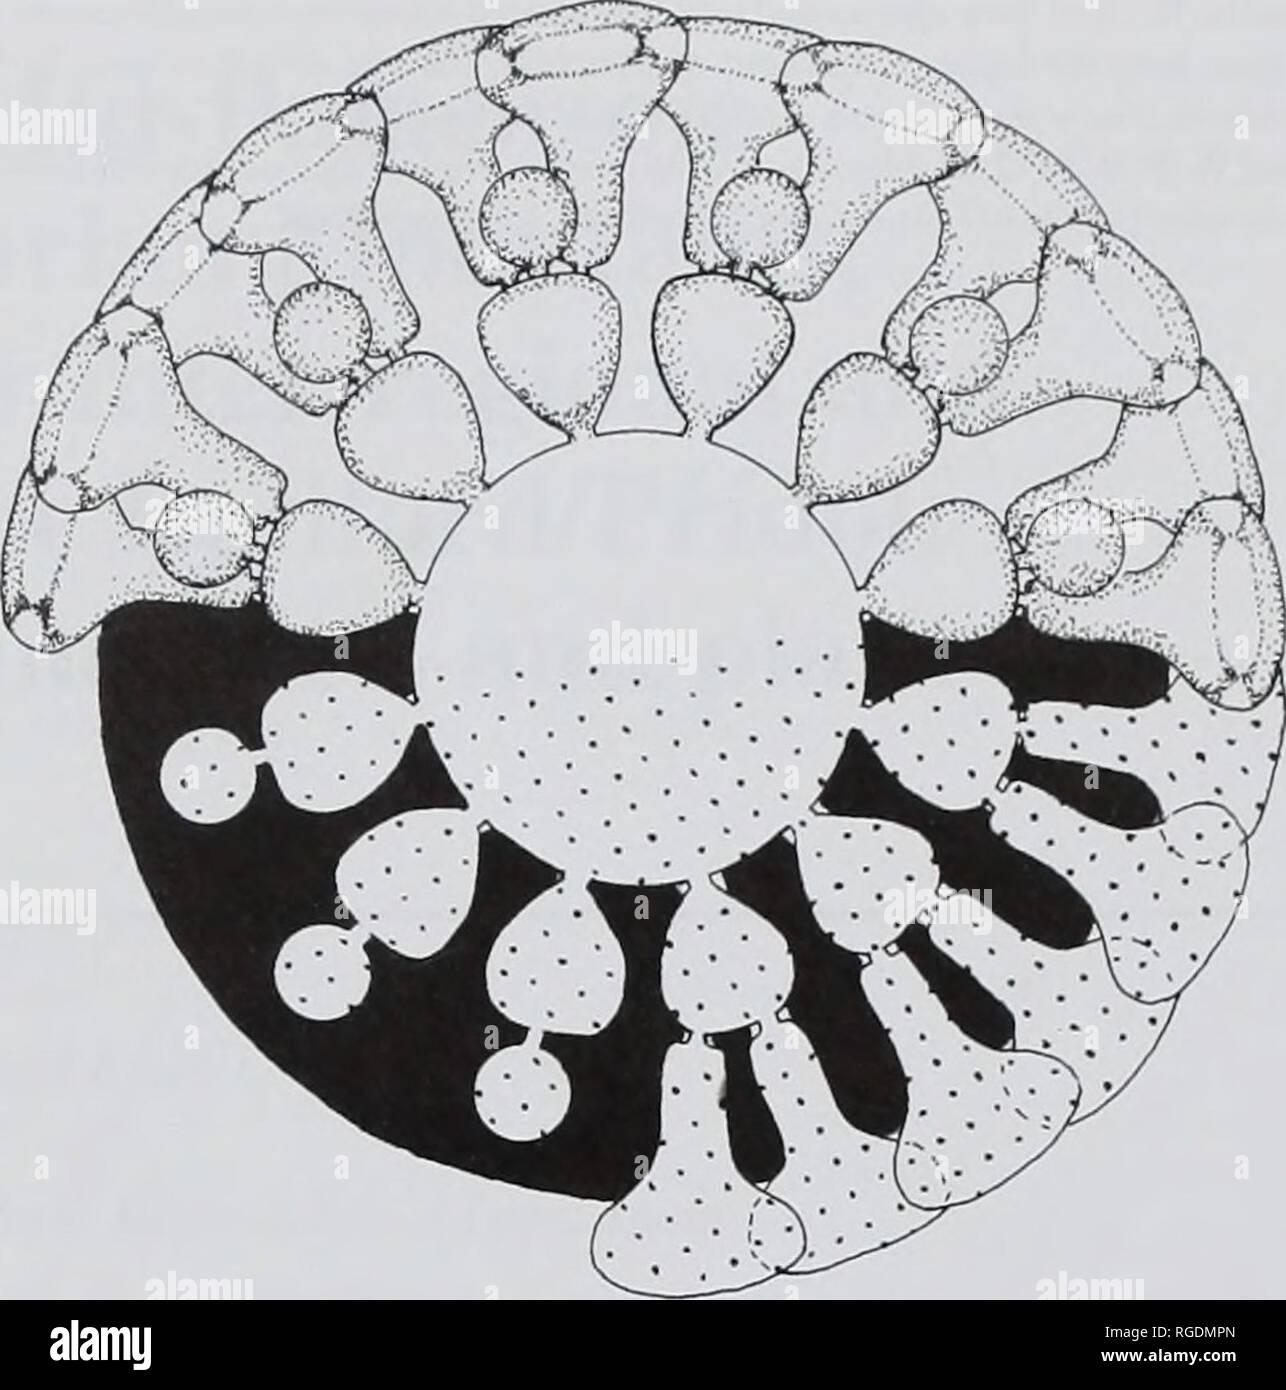 . Bulletin der natürlichen Histort Museum. Geologie Serie. Systematische AFFINITÄT DER ACROPORELLA oftlie ASSURBANIPALI 113 die Variabilität der Arten und einige qualitative Zeichen wie die Form der Thallus, hausanschlussleitungen und Geschlechtsorgane reichlich Material erforderlich gewesen wäre. Der thallus ist anscheinend zylindrischen und einfach. Primäre Quereinsteiger sind in mäßig in der Nähe Quirlen angeordnet. Ihre Position zwischen den Quirlen, Abgewechselt oder in Kontinuität, ist nicht ersichtlich. Sie sind jedoch phloiophorous und ziemlich stark, fast an den Stamm Achse senkrecht. Der Querschnitt der primären Poren ist Stockfoto